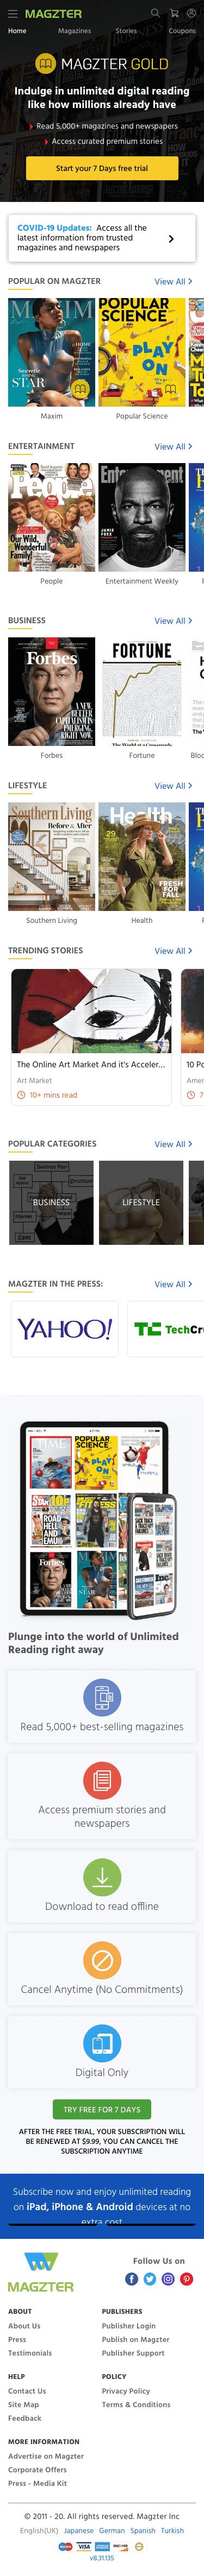 Magzter - Digital Magazine Newsstand Coupon